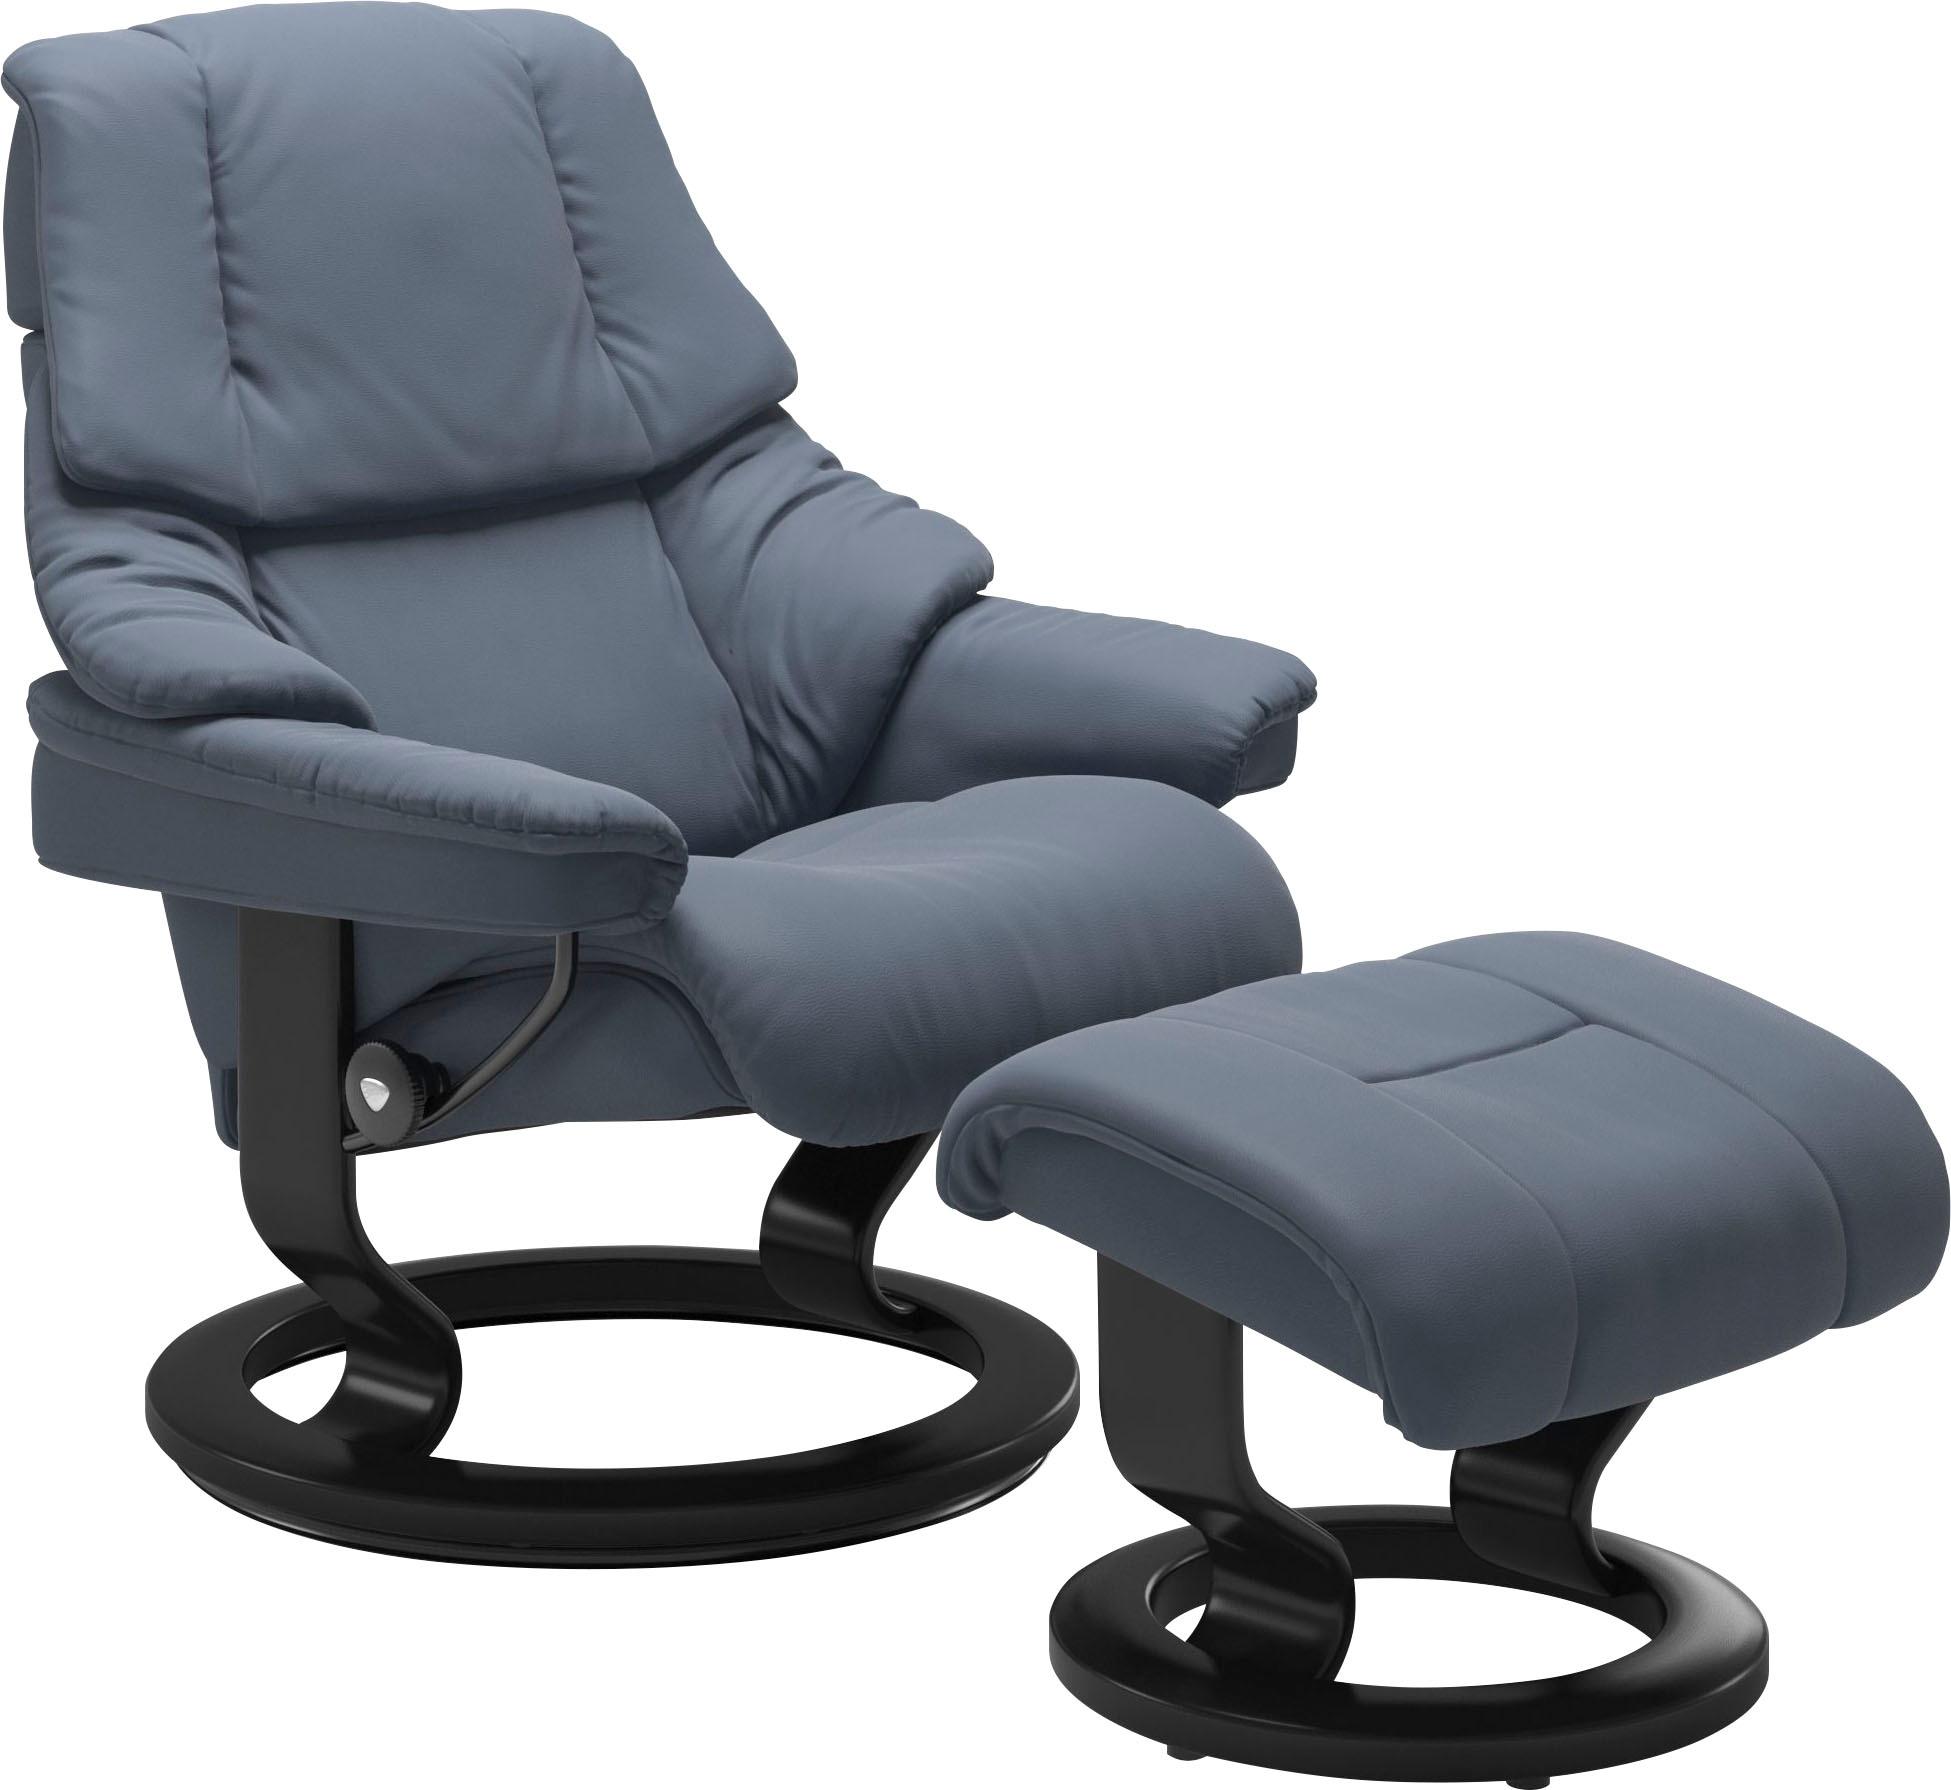 Relaxsessel online kaufen | Möbel Suchmaschine |